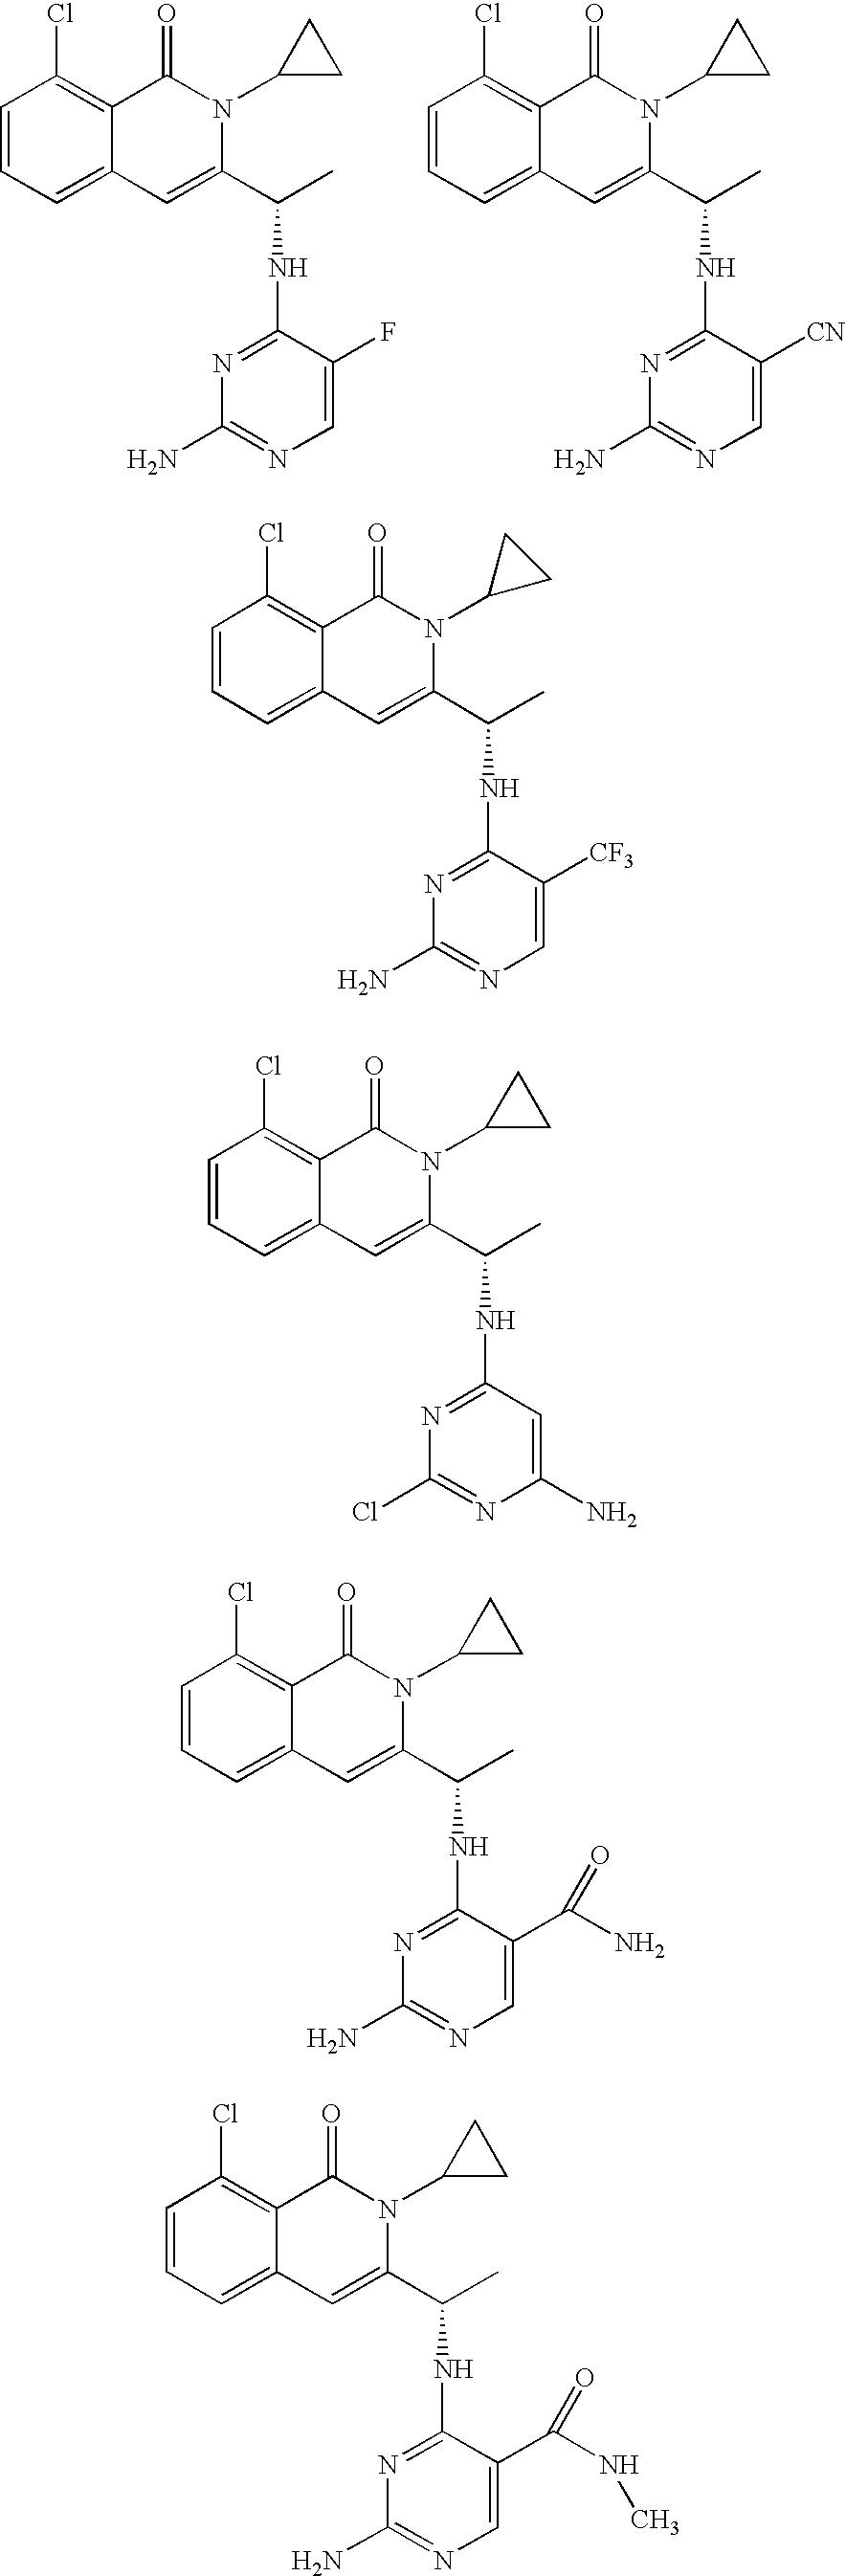 Figure US08193182-20120605-C00285